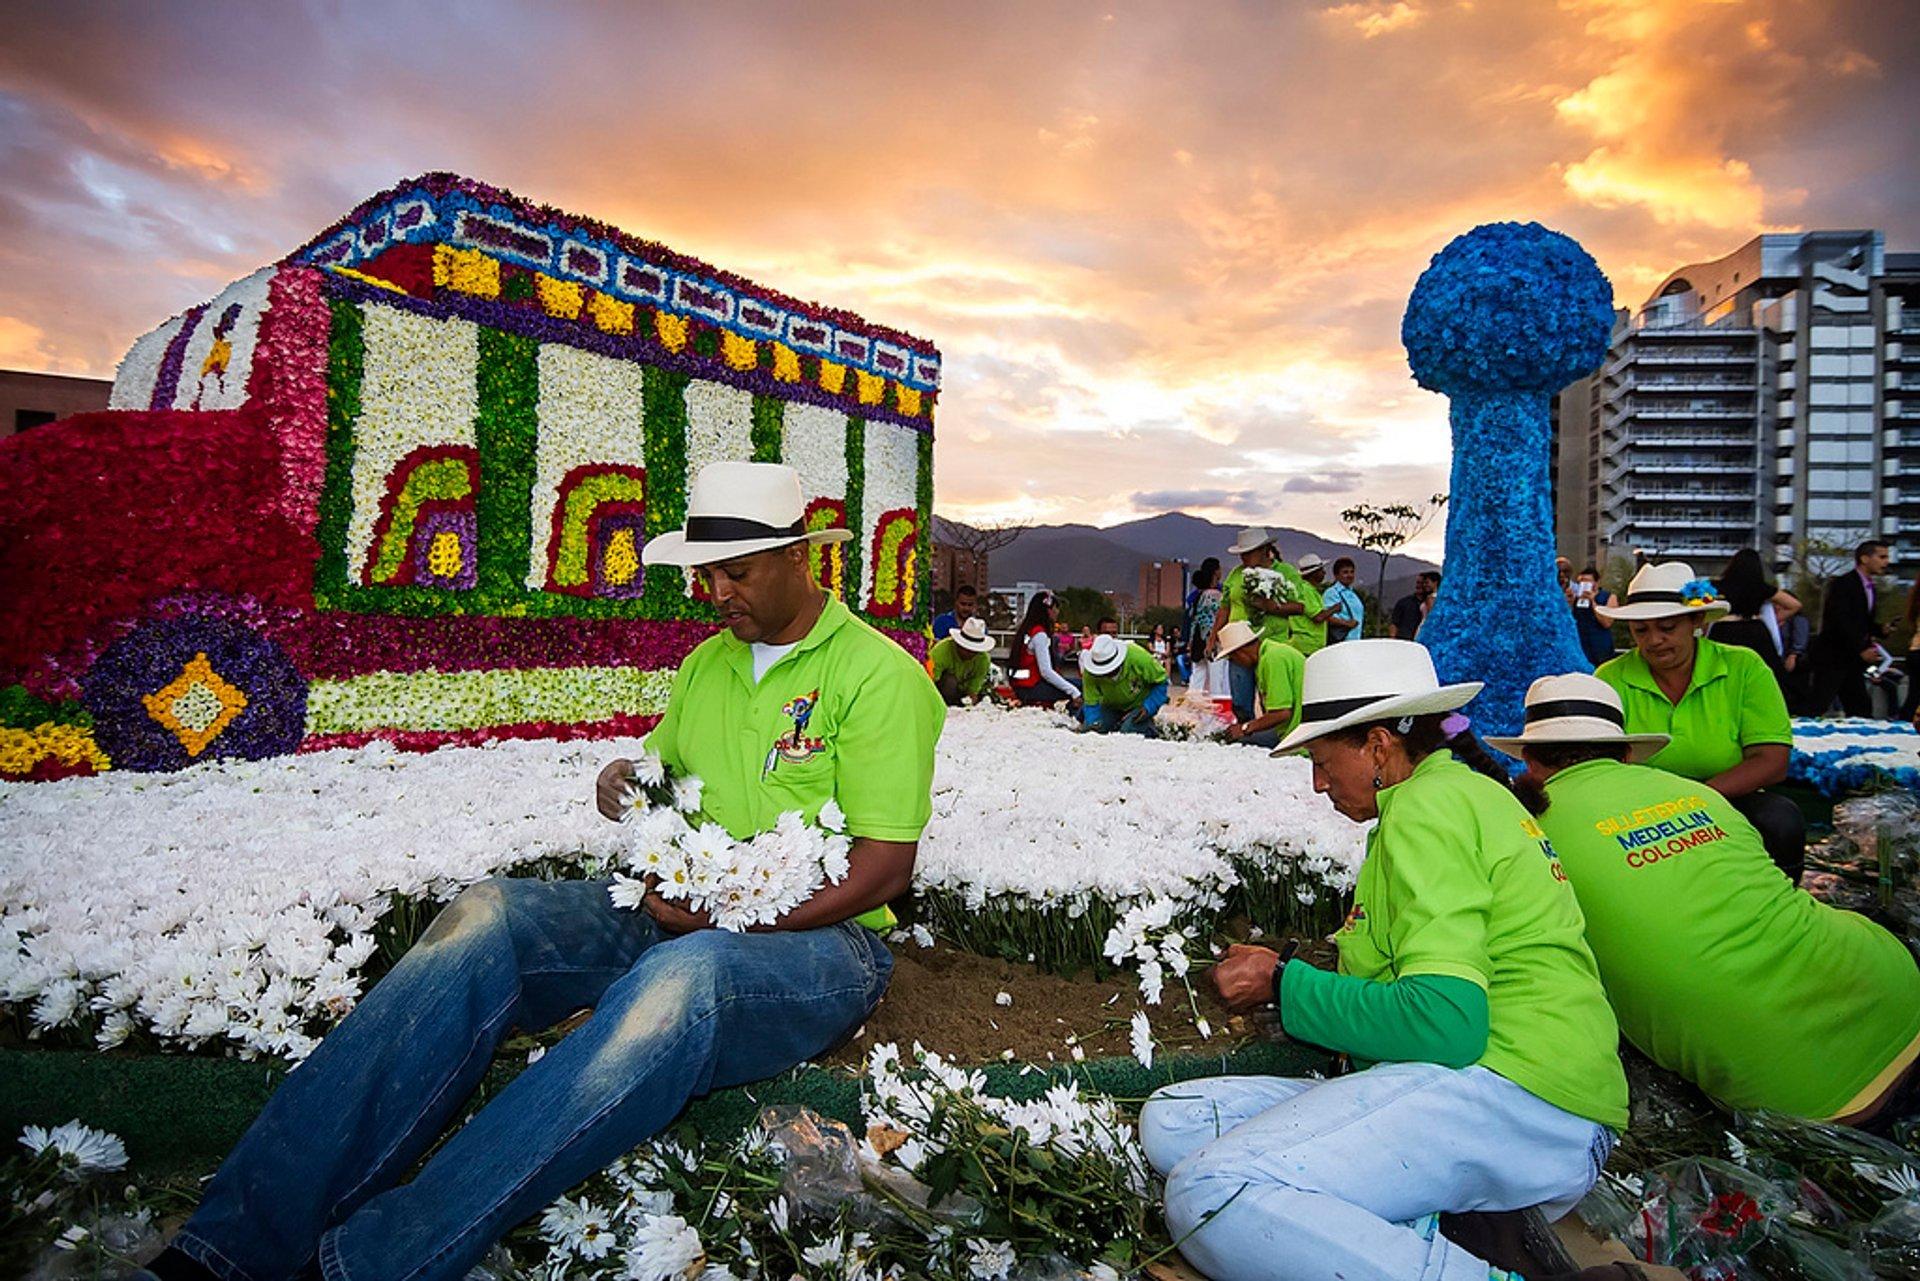 Feria de Las Flores (Flower Festival) in Colombia 2020 - Best Time